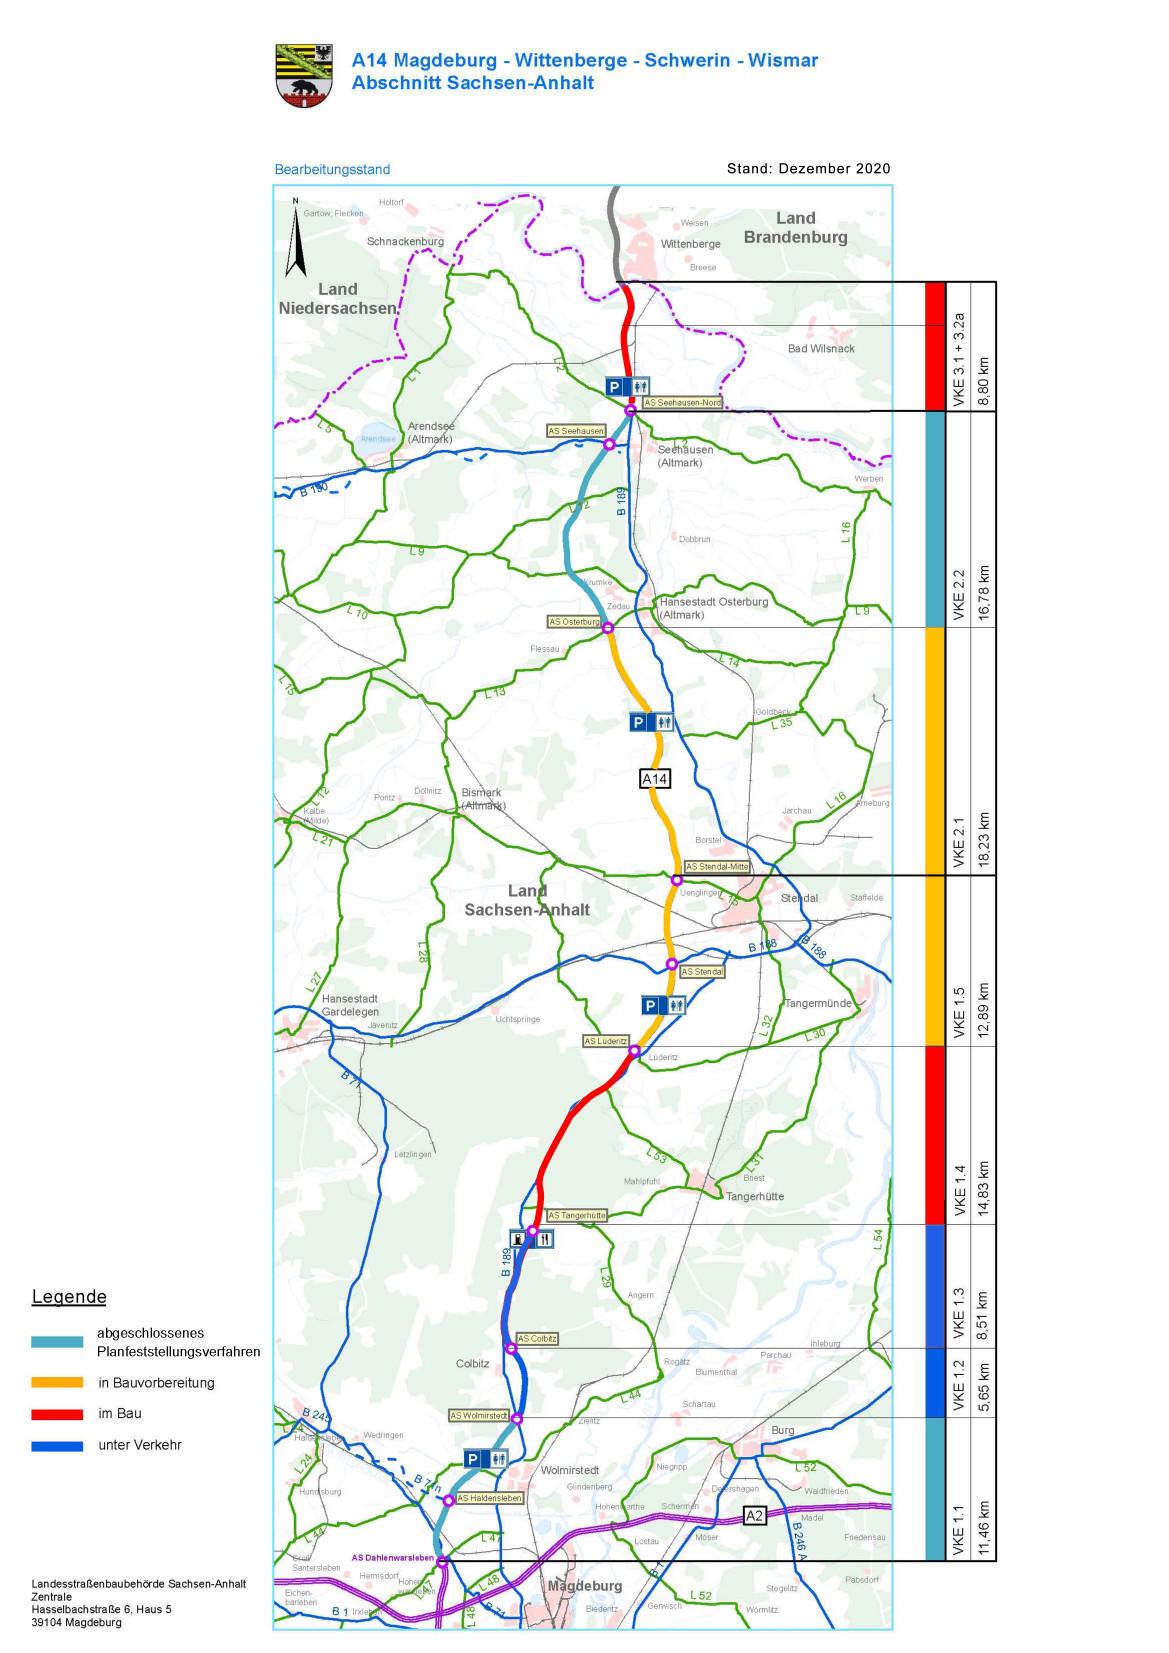 Plan Stand Dezember 2020: Nordverlängerung A14, c Straßenbauverwaltung des Landes Sachsen-Anhalt, Landesstraßenbaubehörde, Regionalbereich Süd